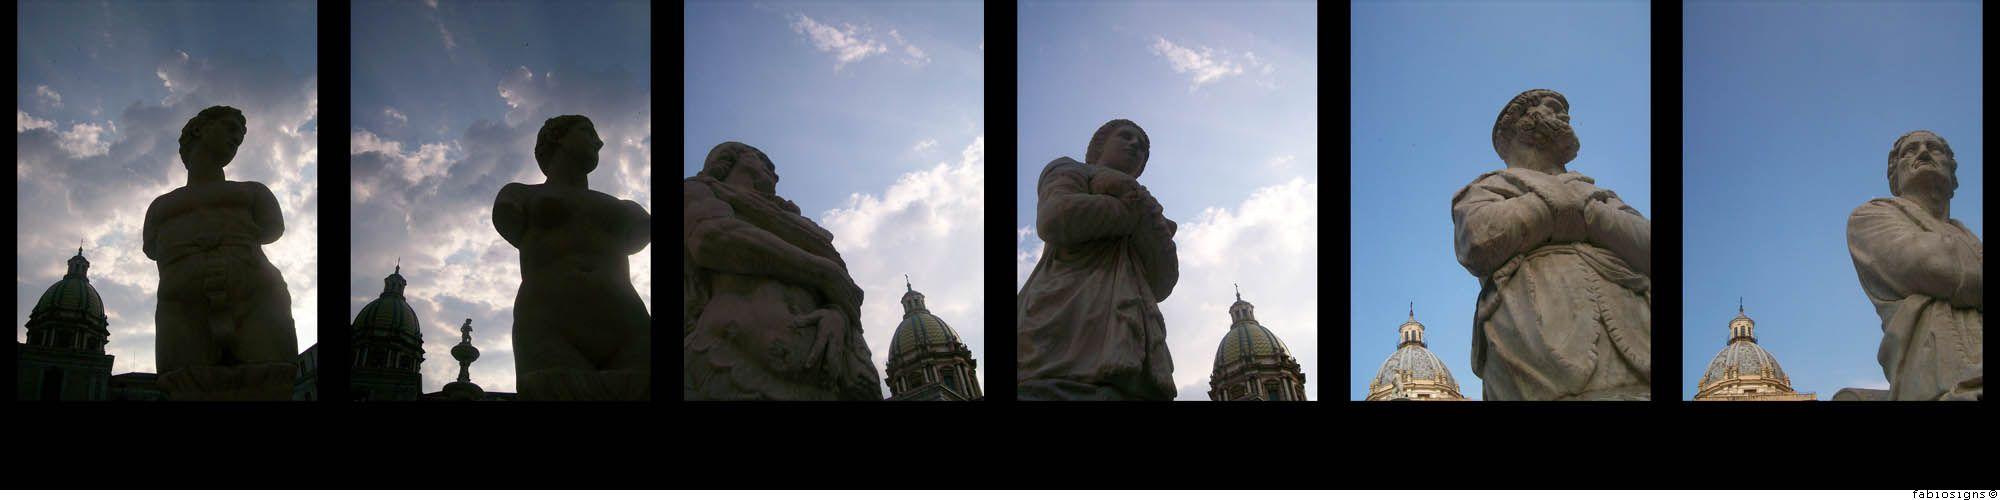 Palermo, le statue di Piazza Pretoria - © fabiosigns